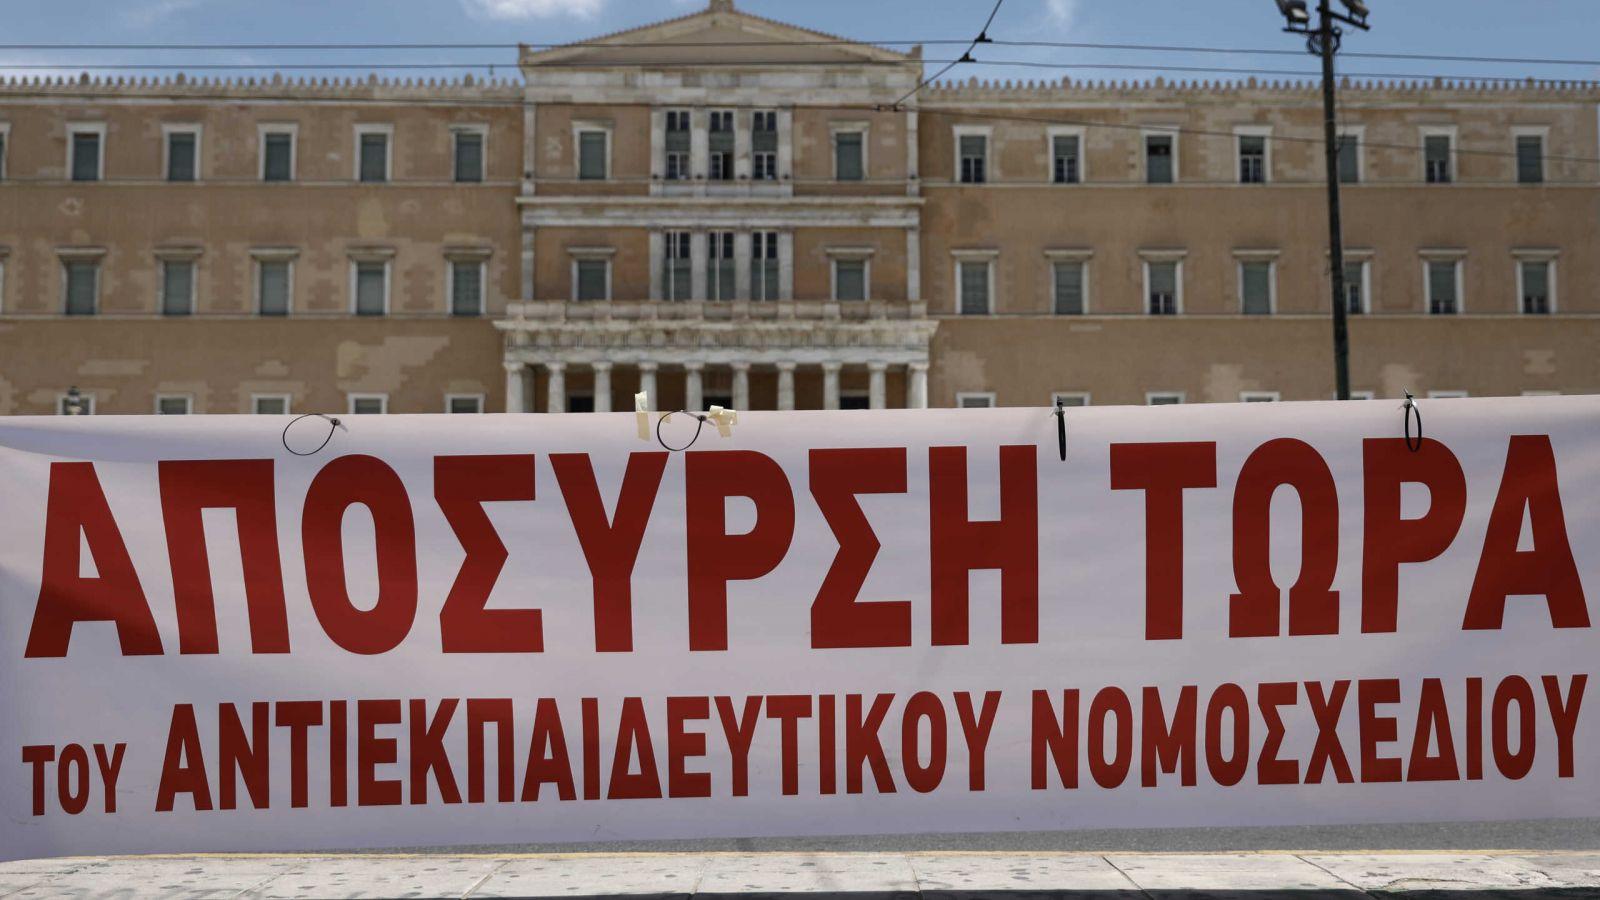 Πανεκπαιδευτικό συλλαλητήριο: Κινητοποιήσεις σε Αθήνα και Θεσσαλονίκη – Ανοιχτά τα σχολεία